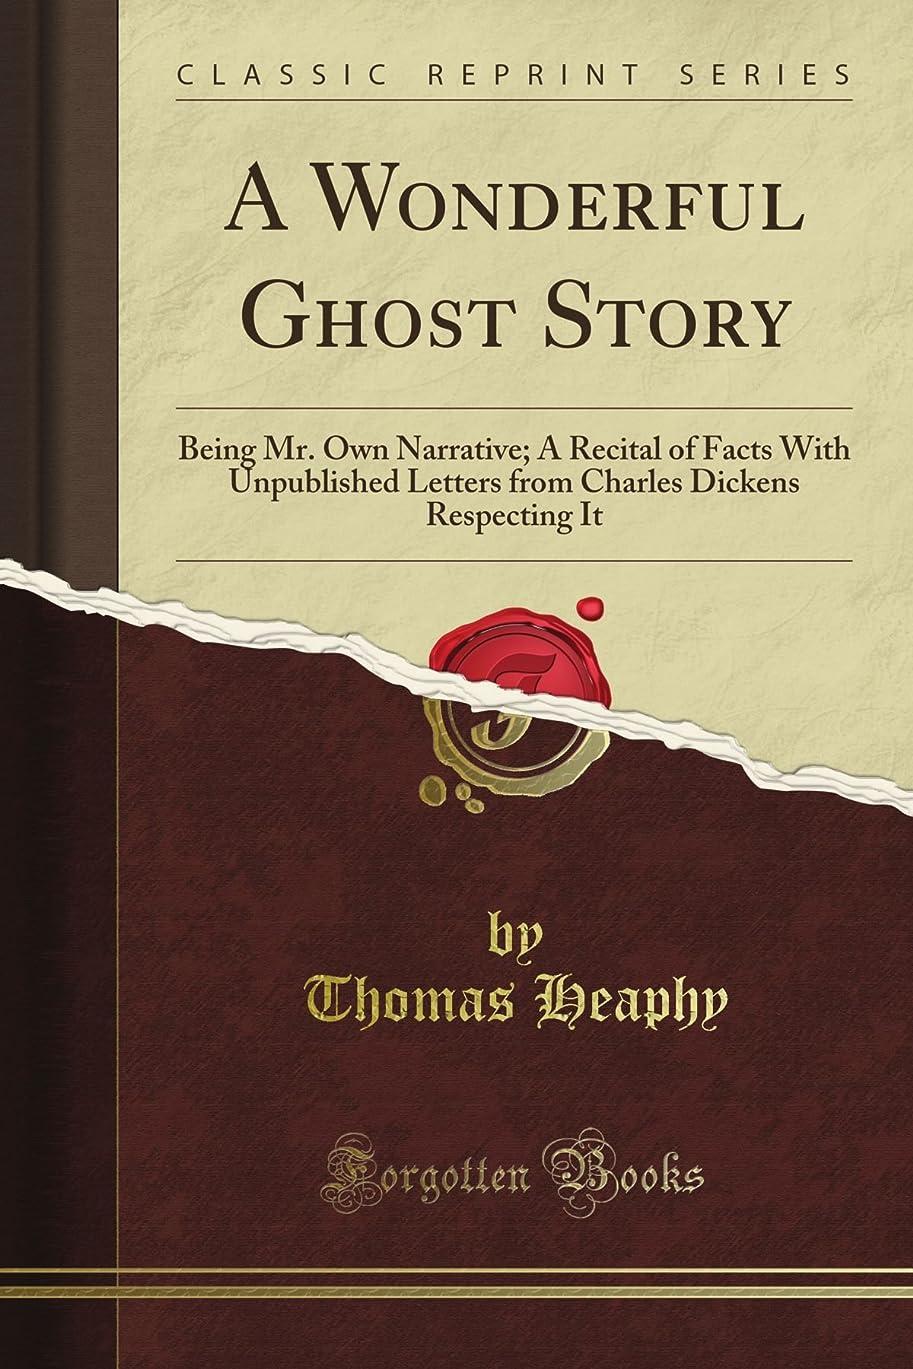 炭素前に反逆A Wonderful Ghost Story: Being Mr. Own Narrative; A Recital of Facts With Unpublished Letters from Charles Dickens Respecting It (Classic Reprint)